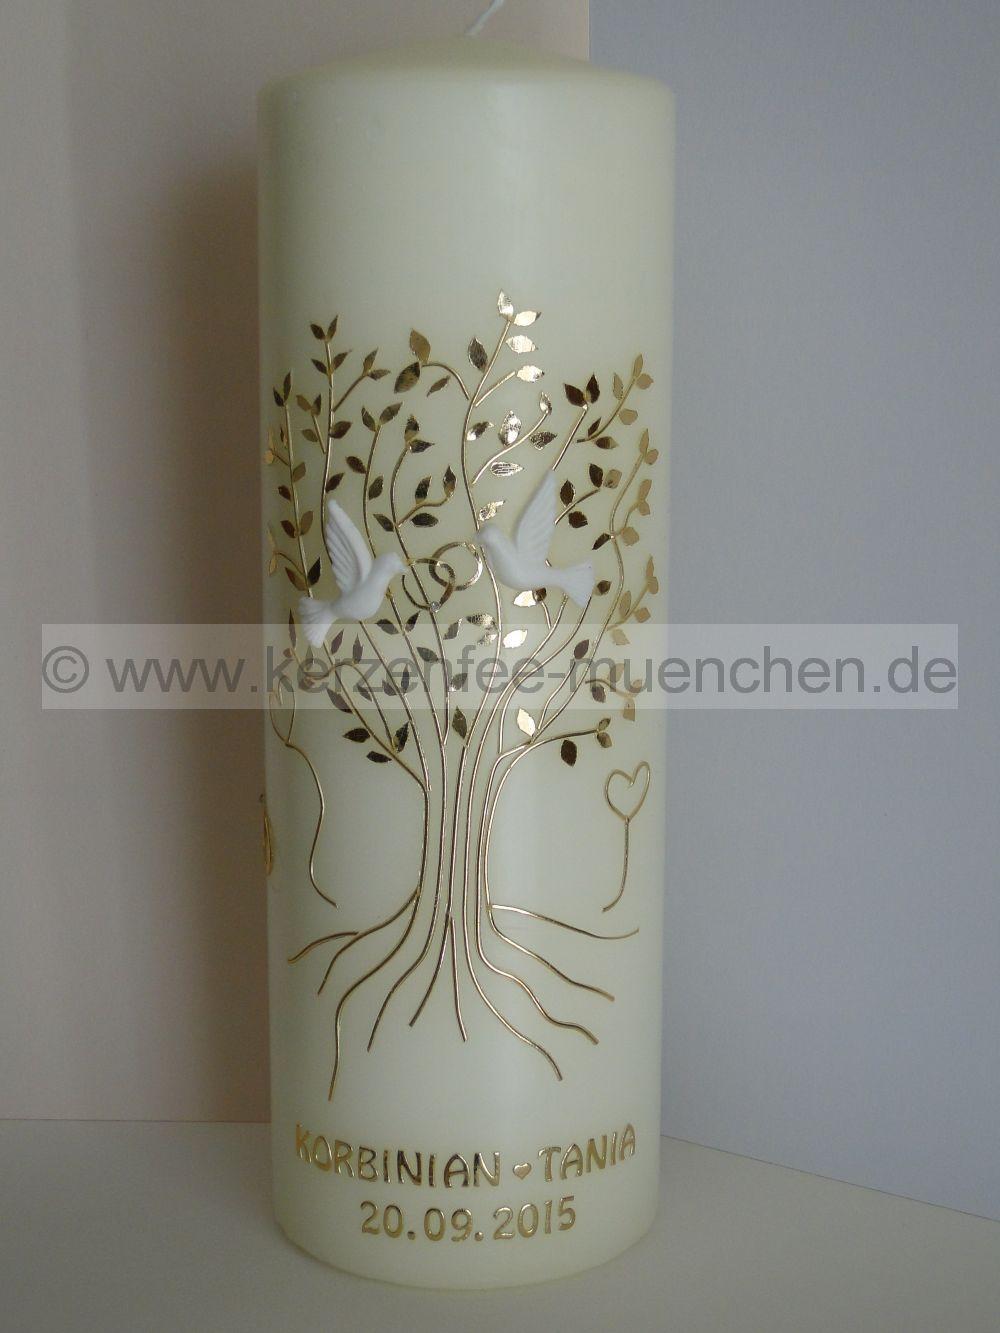 Kerzenfee Mnchen  goldener Baum